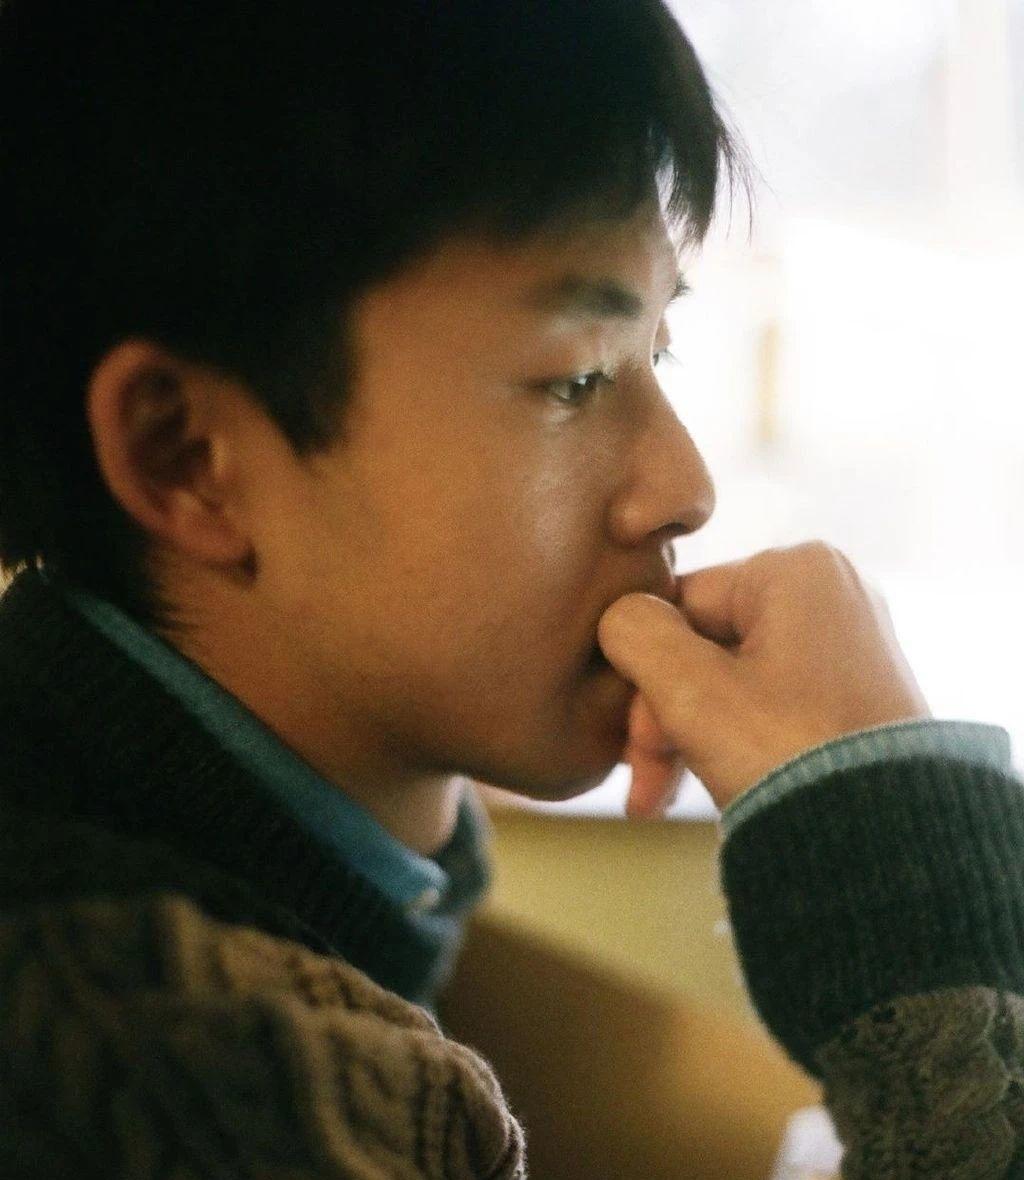 仲野太贺和森川葵这对养眼情侣一起被确诊新冠了 (13)